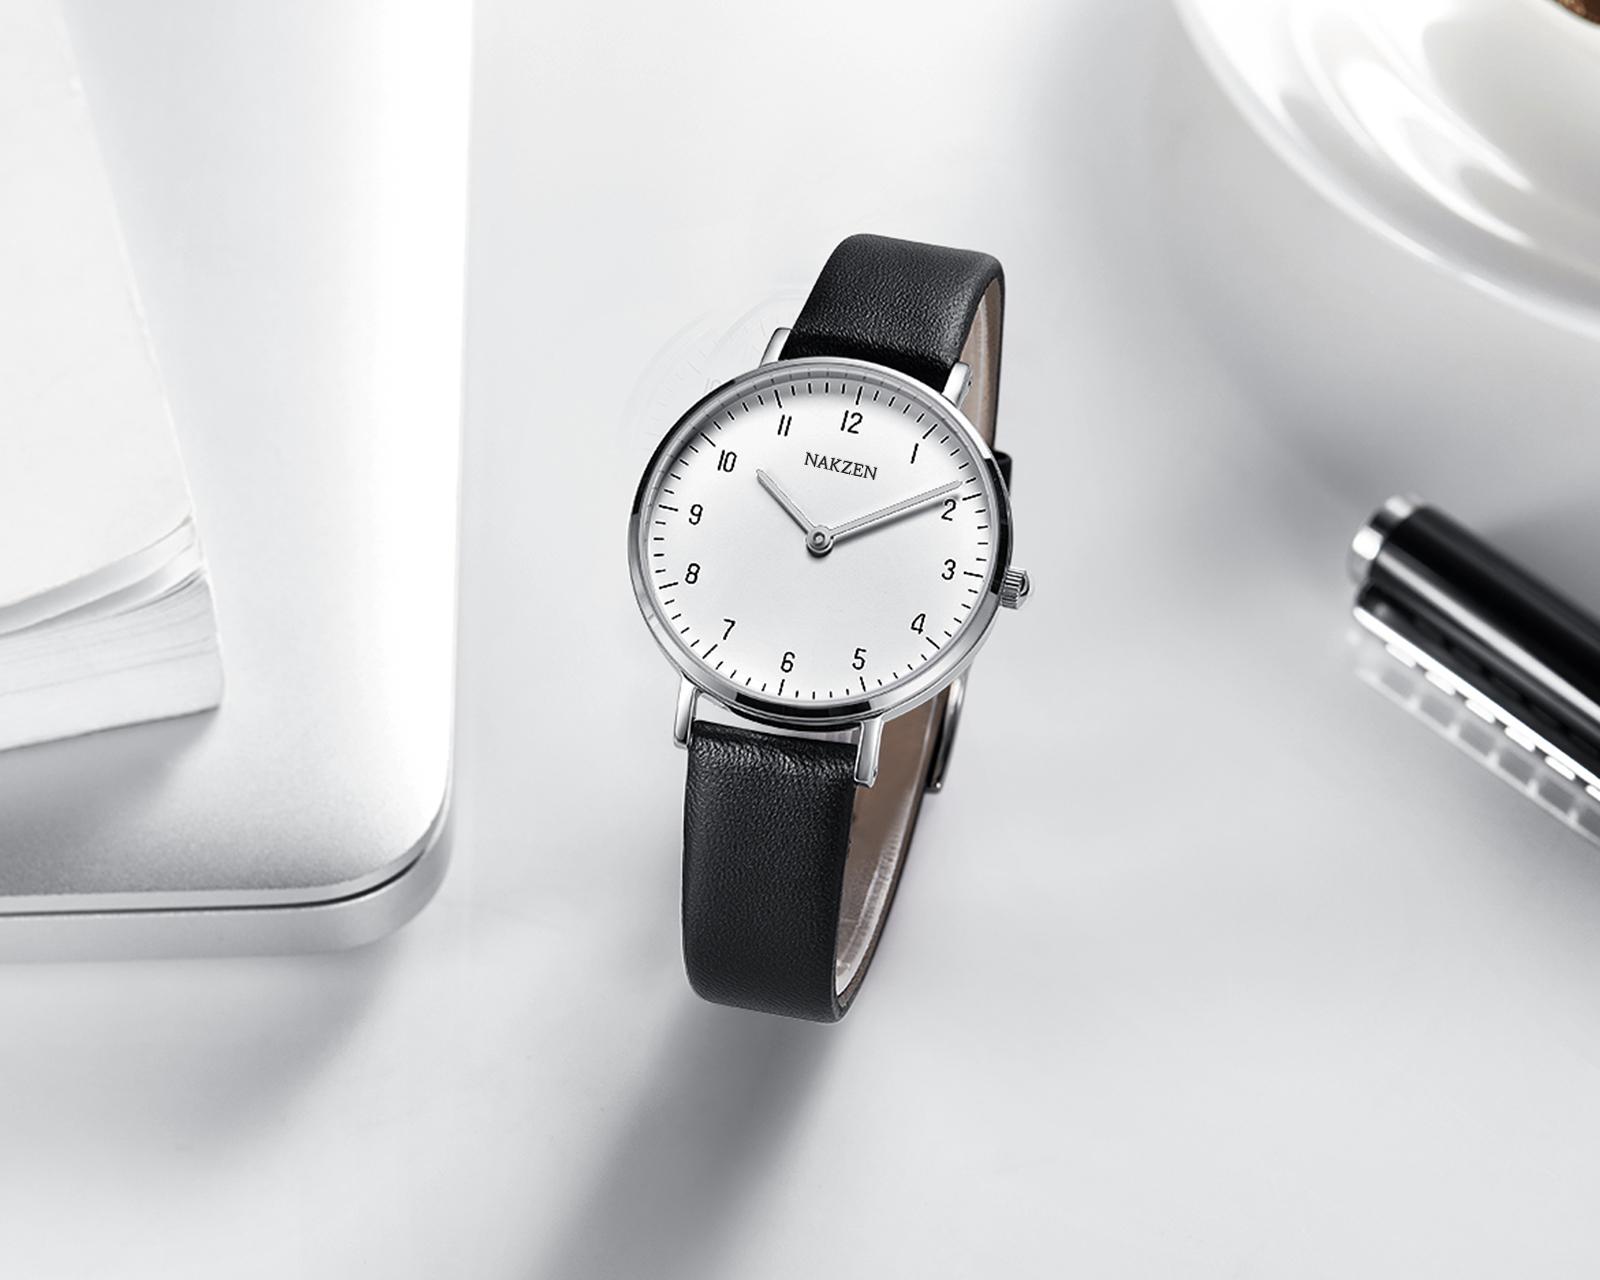 Đồng hồ Nữ cao cấp Nakzen Nhật Bản - SL9001L-7D - Hàng Chính Hãng